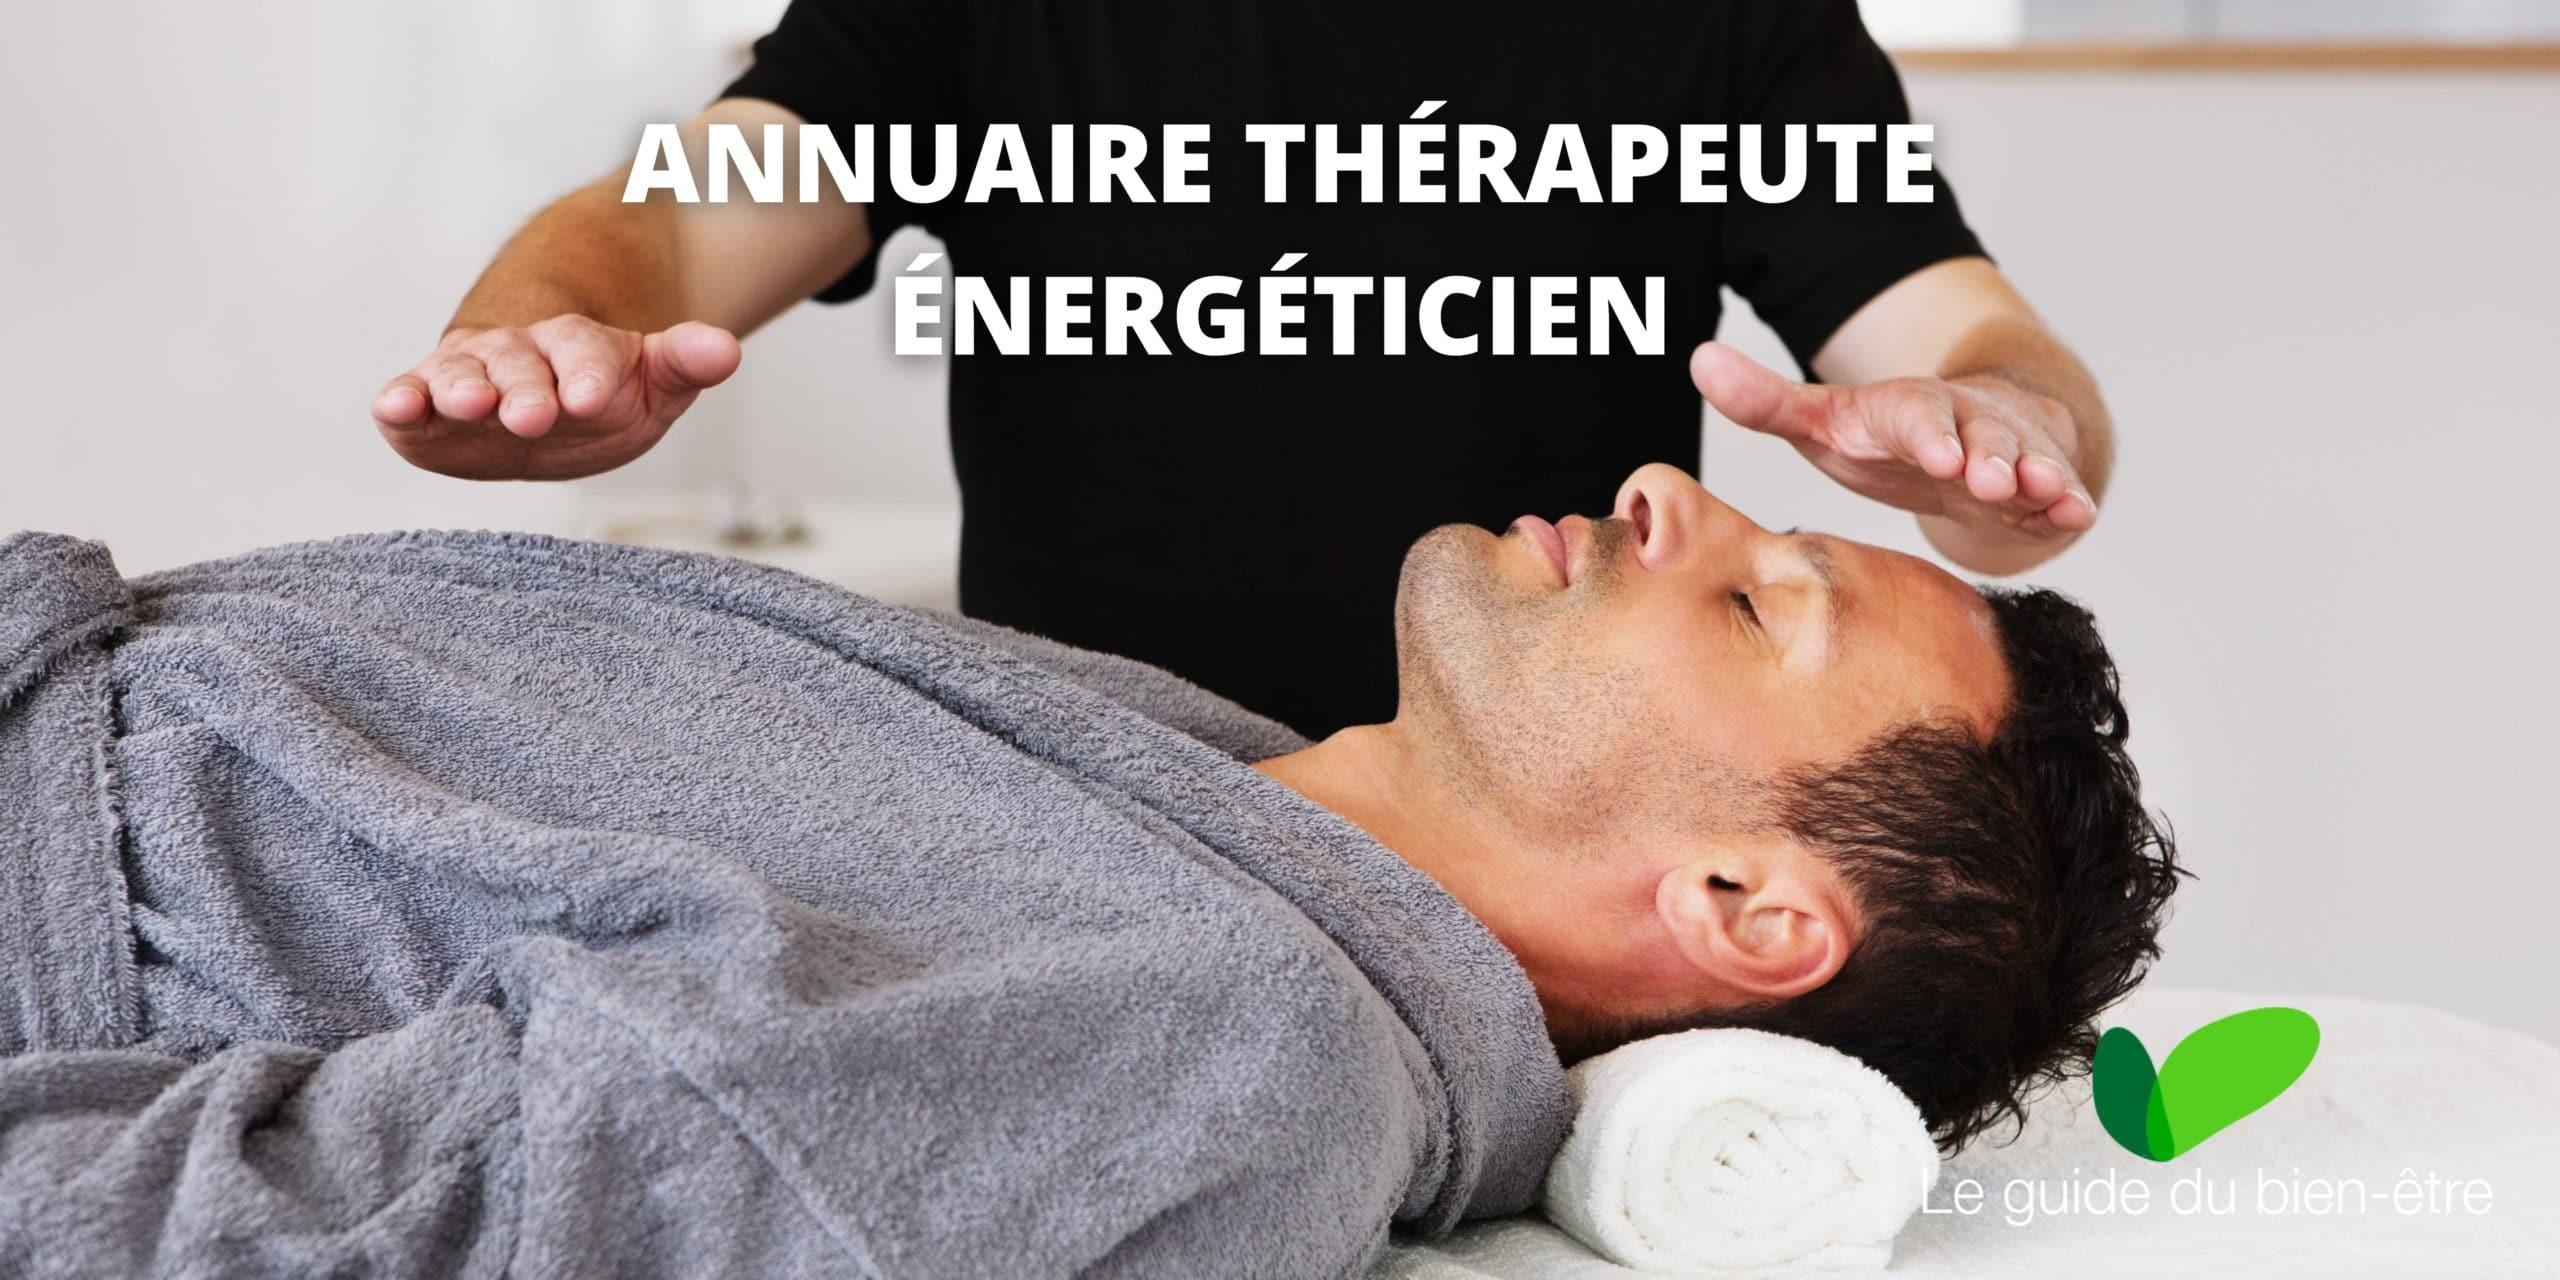 Annuaire thérapeutes énergéticiens, trouvers les praticiens proches de chez vous